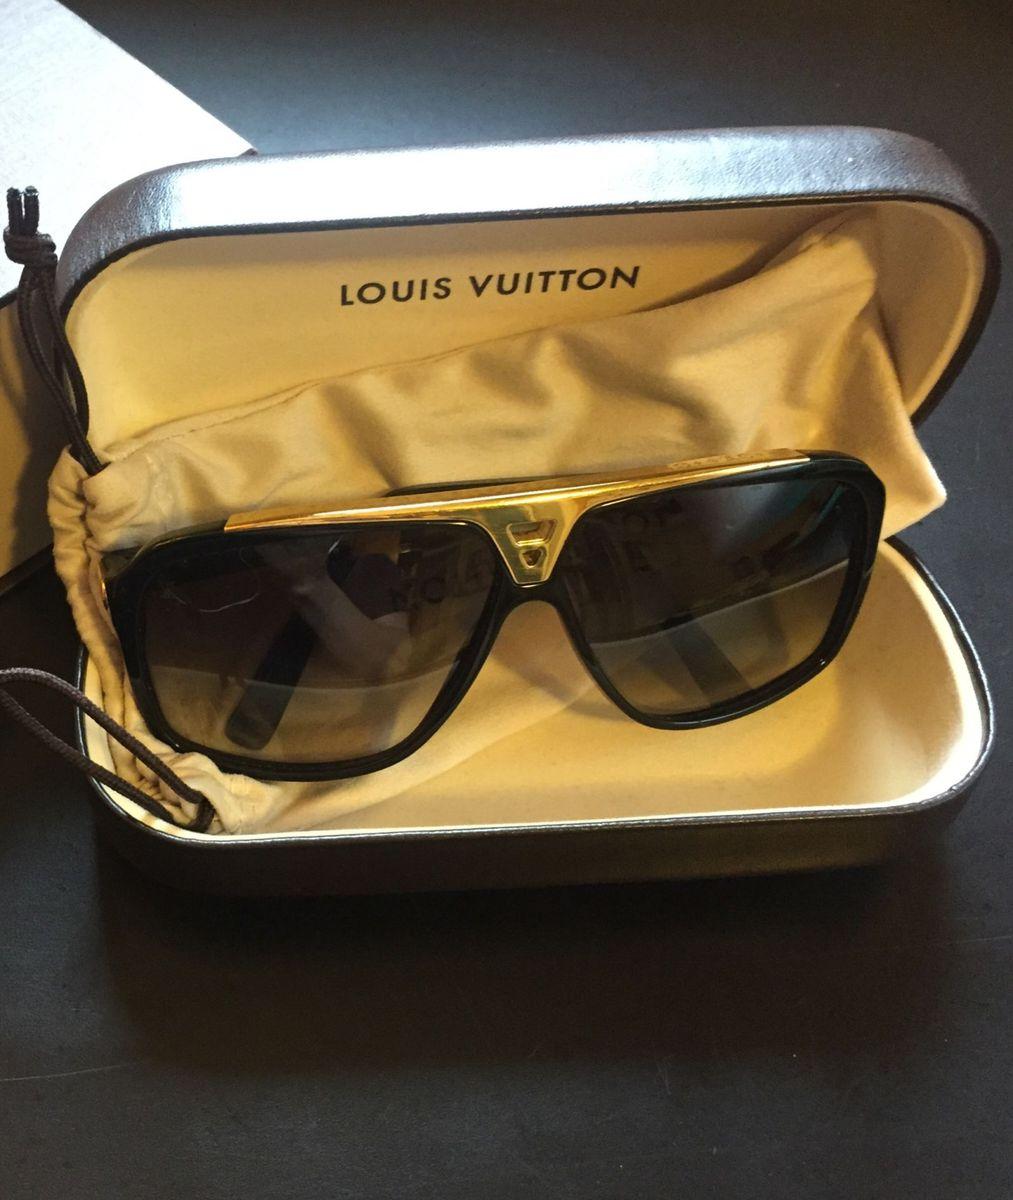 1a624722dab01 óculos louis vuitton - óculos louis vuitton.  Czm6ly9wag90b3muzw5qb2vplmnvbs5ici9wcm9kdwn0cy82mde5ntaxlzkymti3ymfknwvmytdloduxnwu0yjrlzmyymwqyymuwlmpwzw  ...